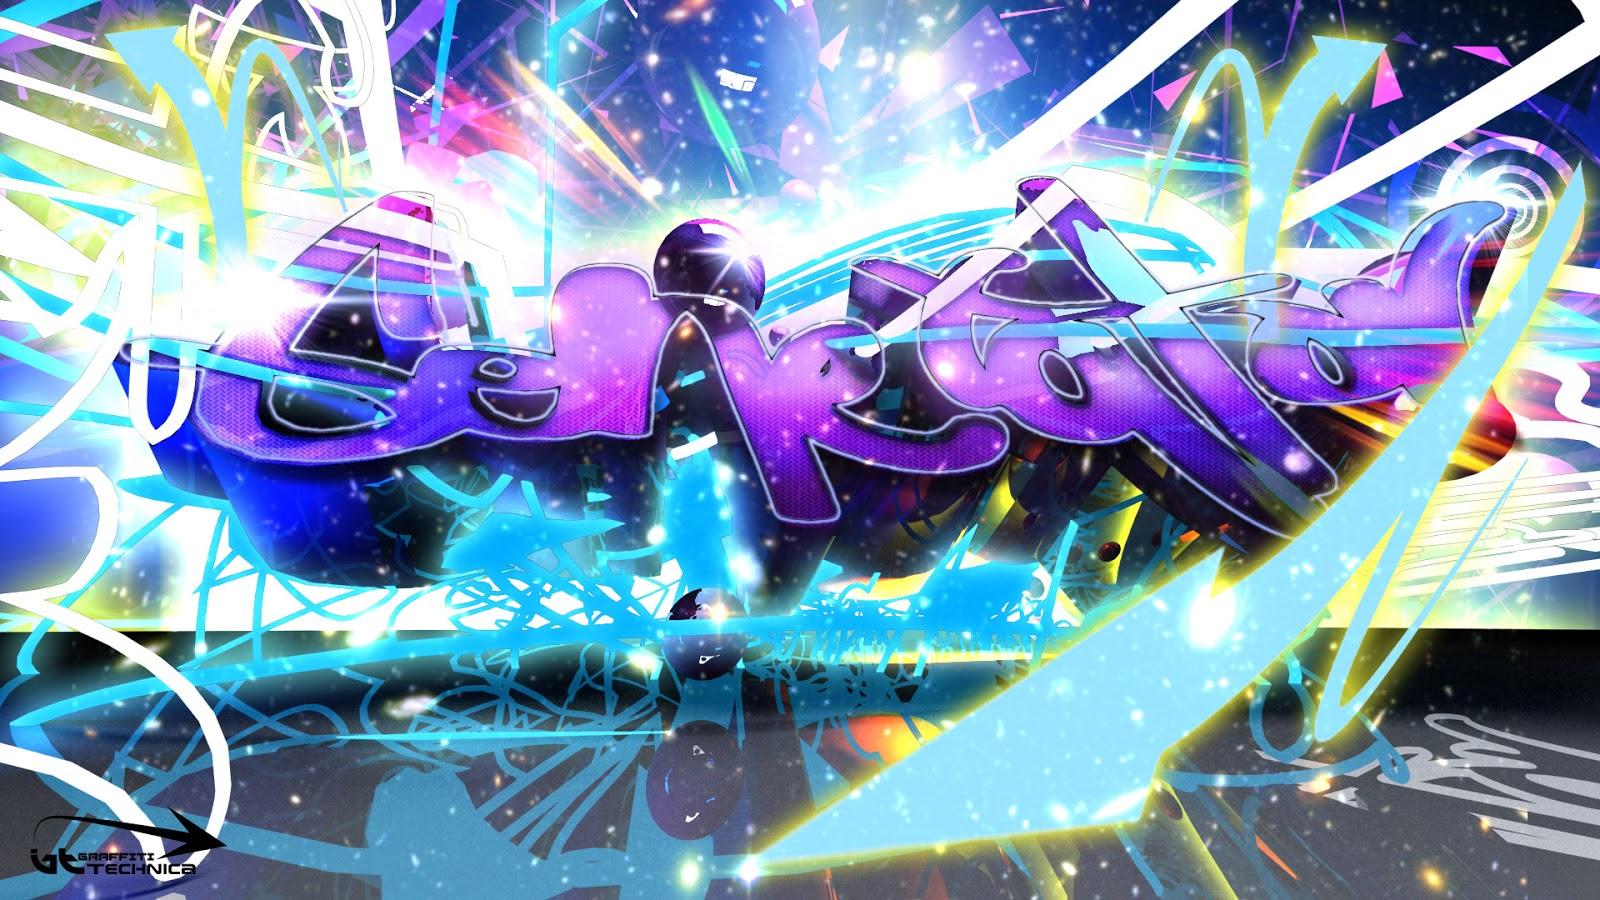 Graffiti Wallpaper Best Graffitianz 1600x900